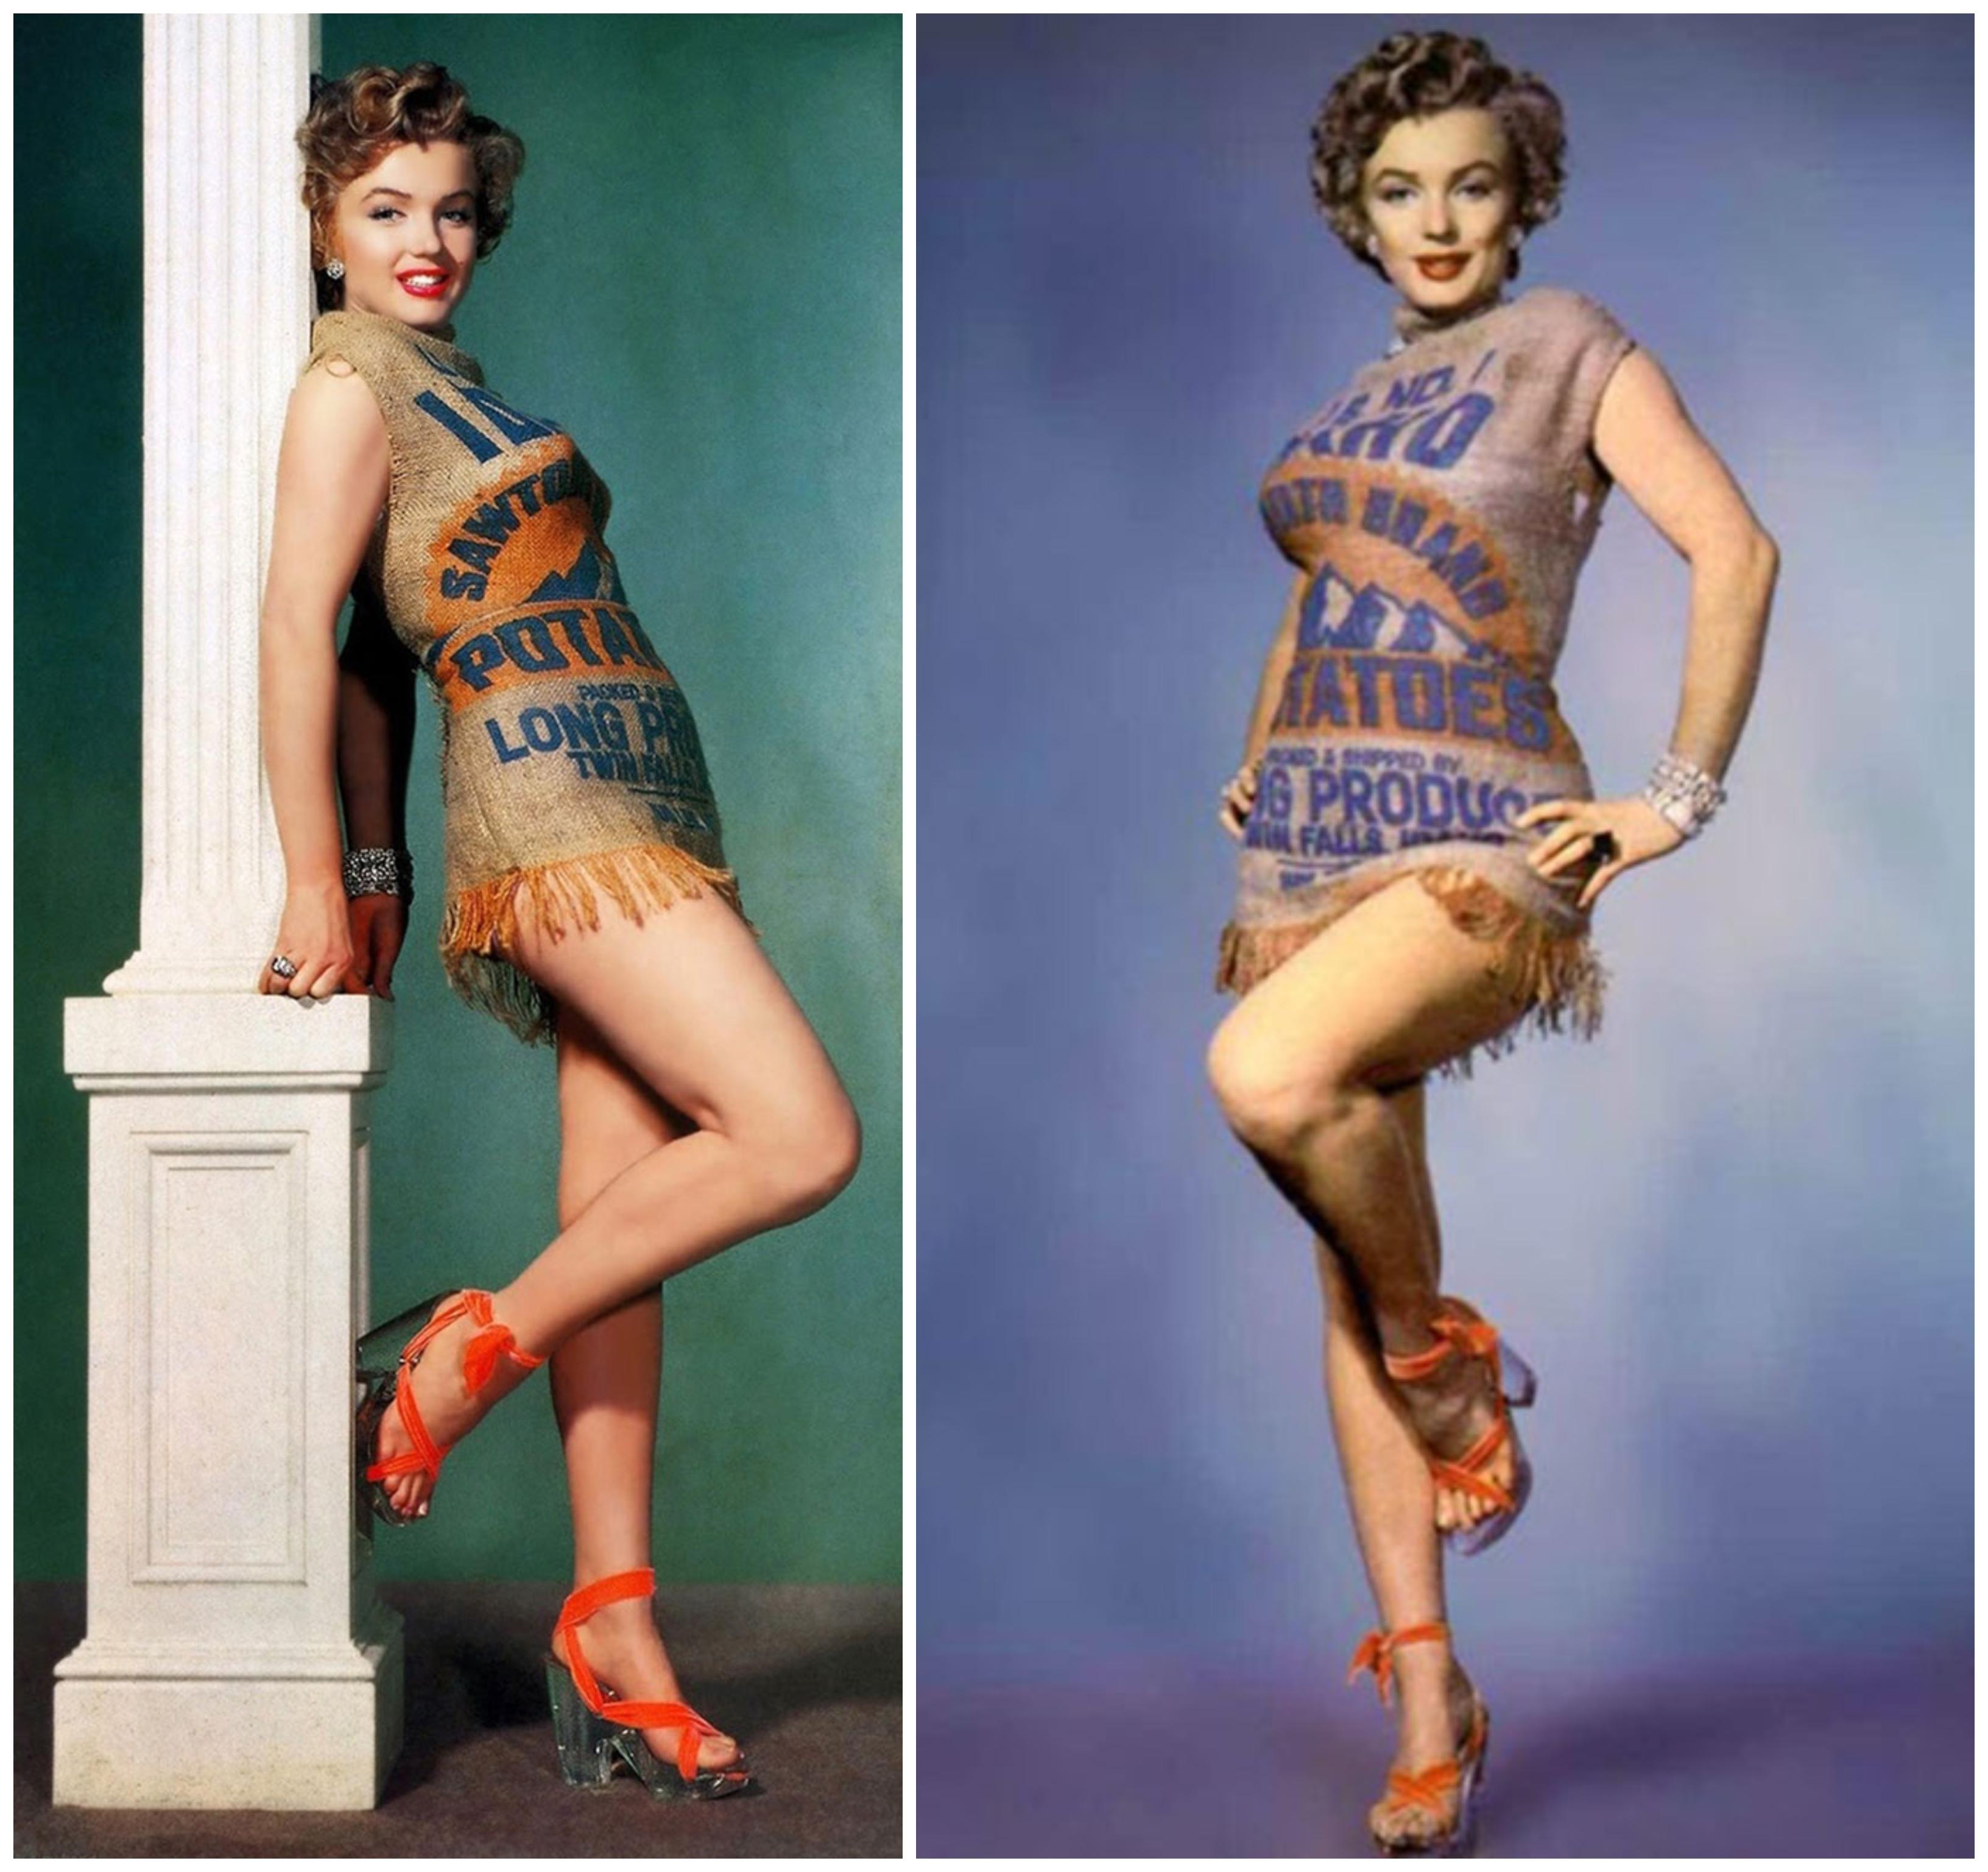 Marilyn Monroe krumpliszsákos sorozata megmutatta, hogy mindenben elképesztően csinos tudott lenni!